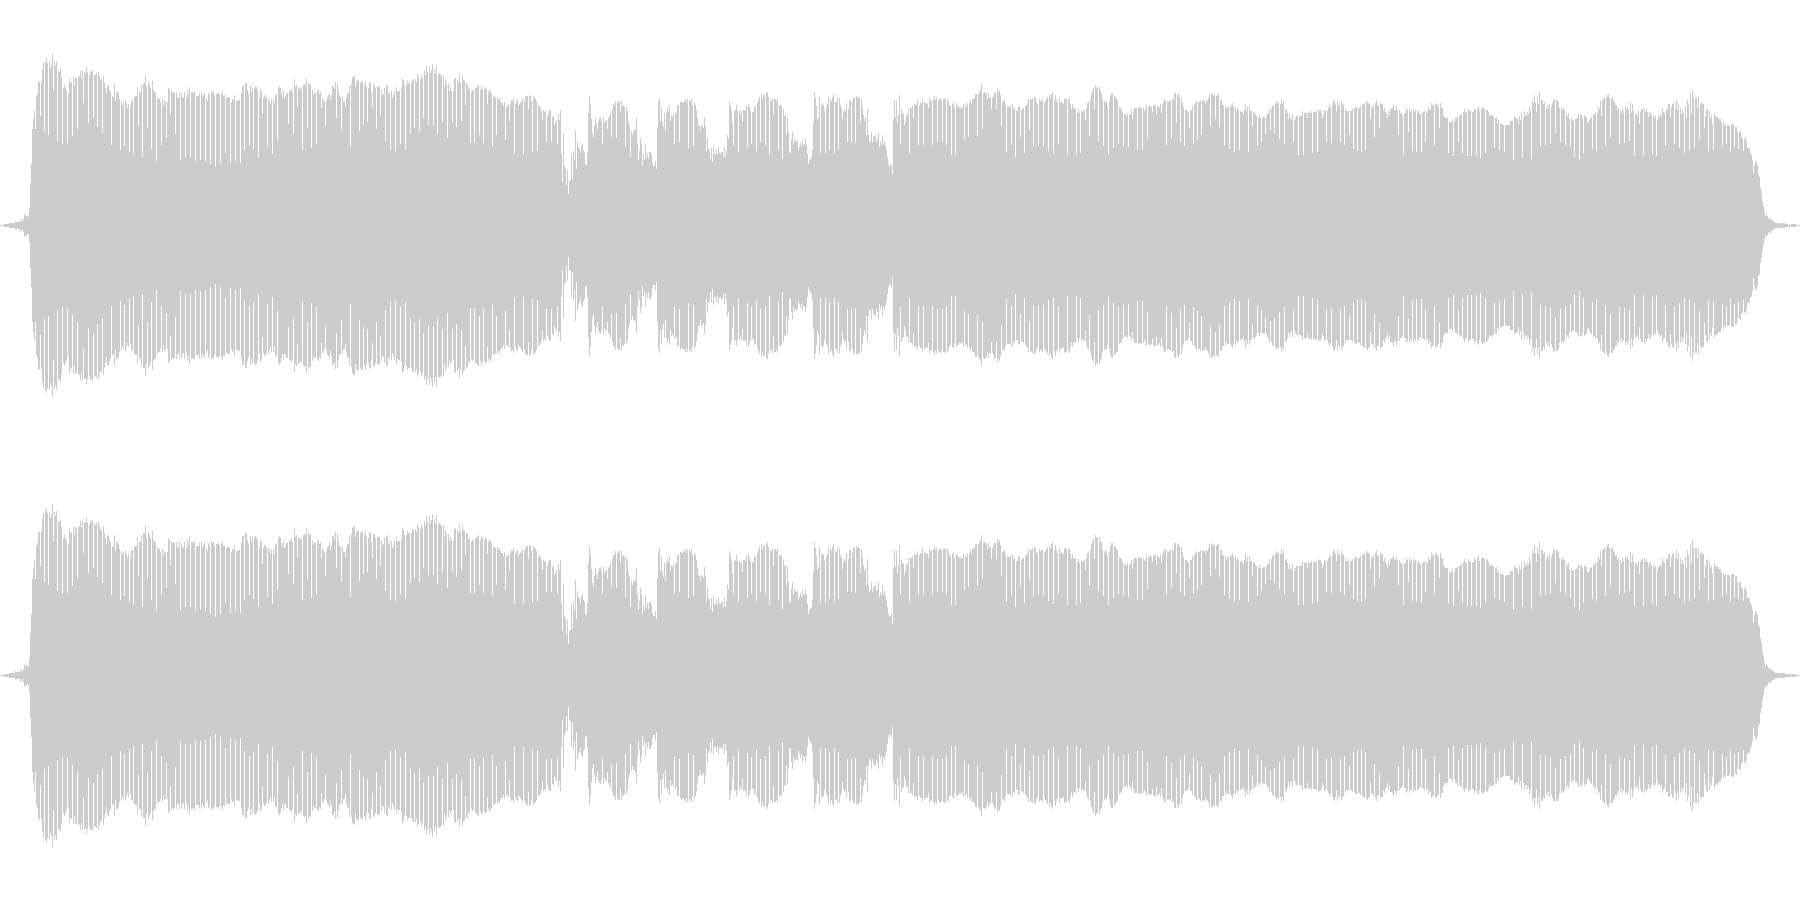 こぶし01(D#)の未再生の波形